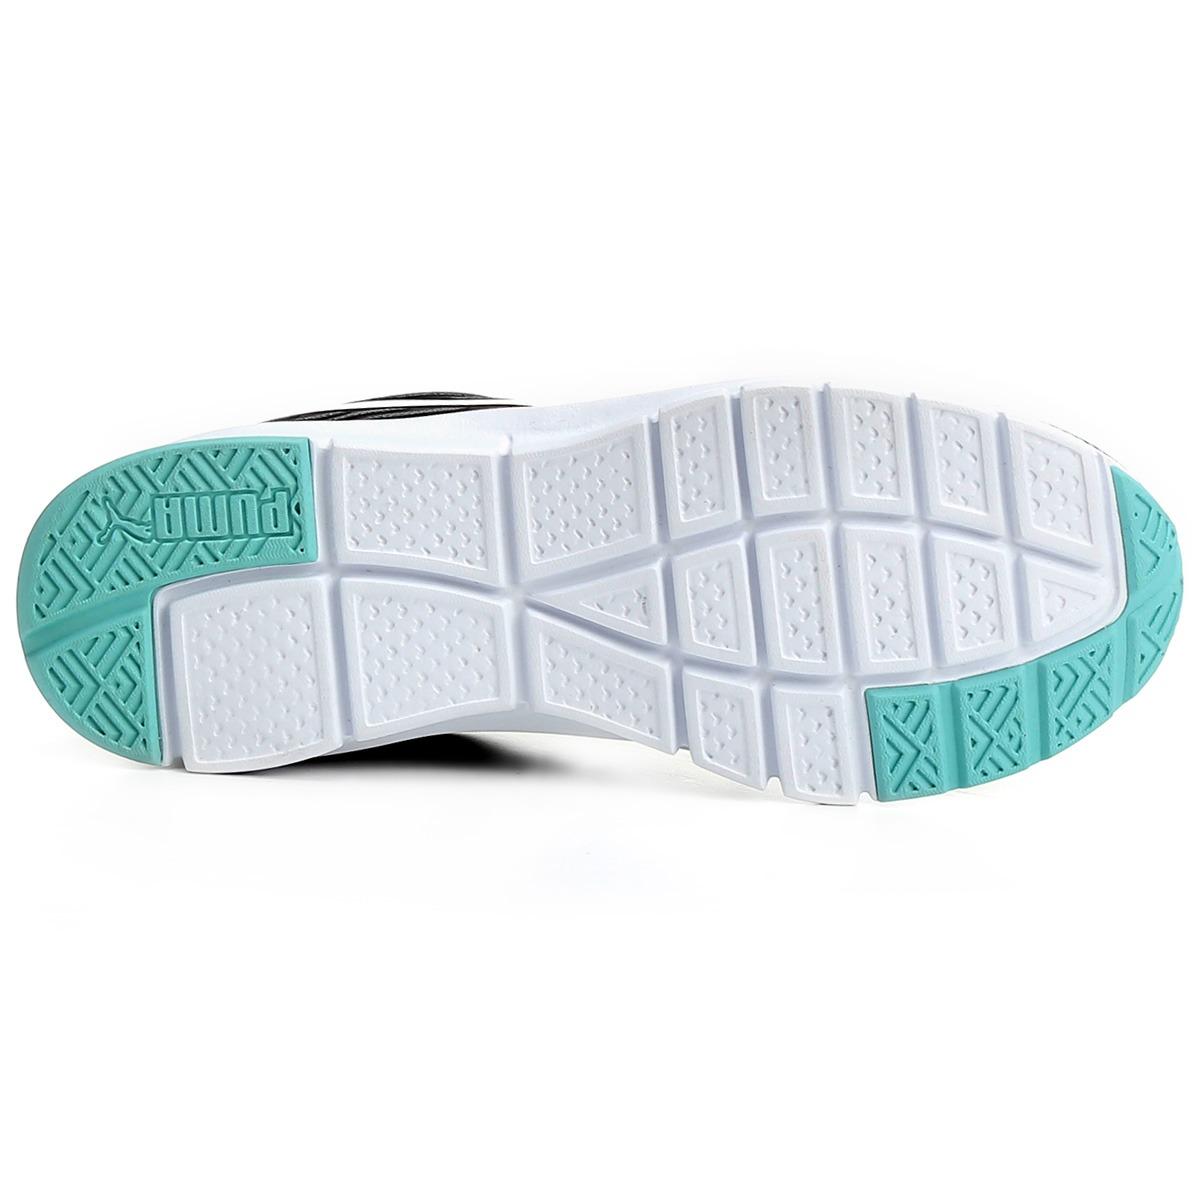 d0f8d7c8963 tênis puma flexracer d verde preto prata feminino. Carregando zoom.